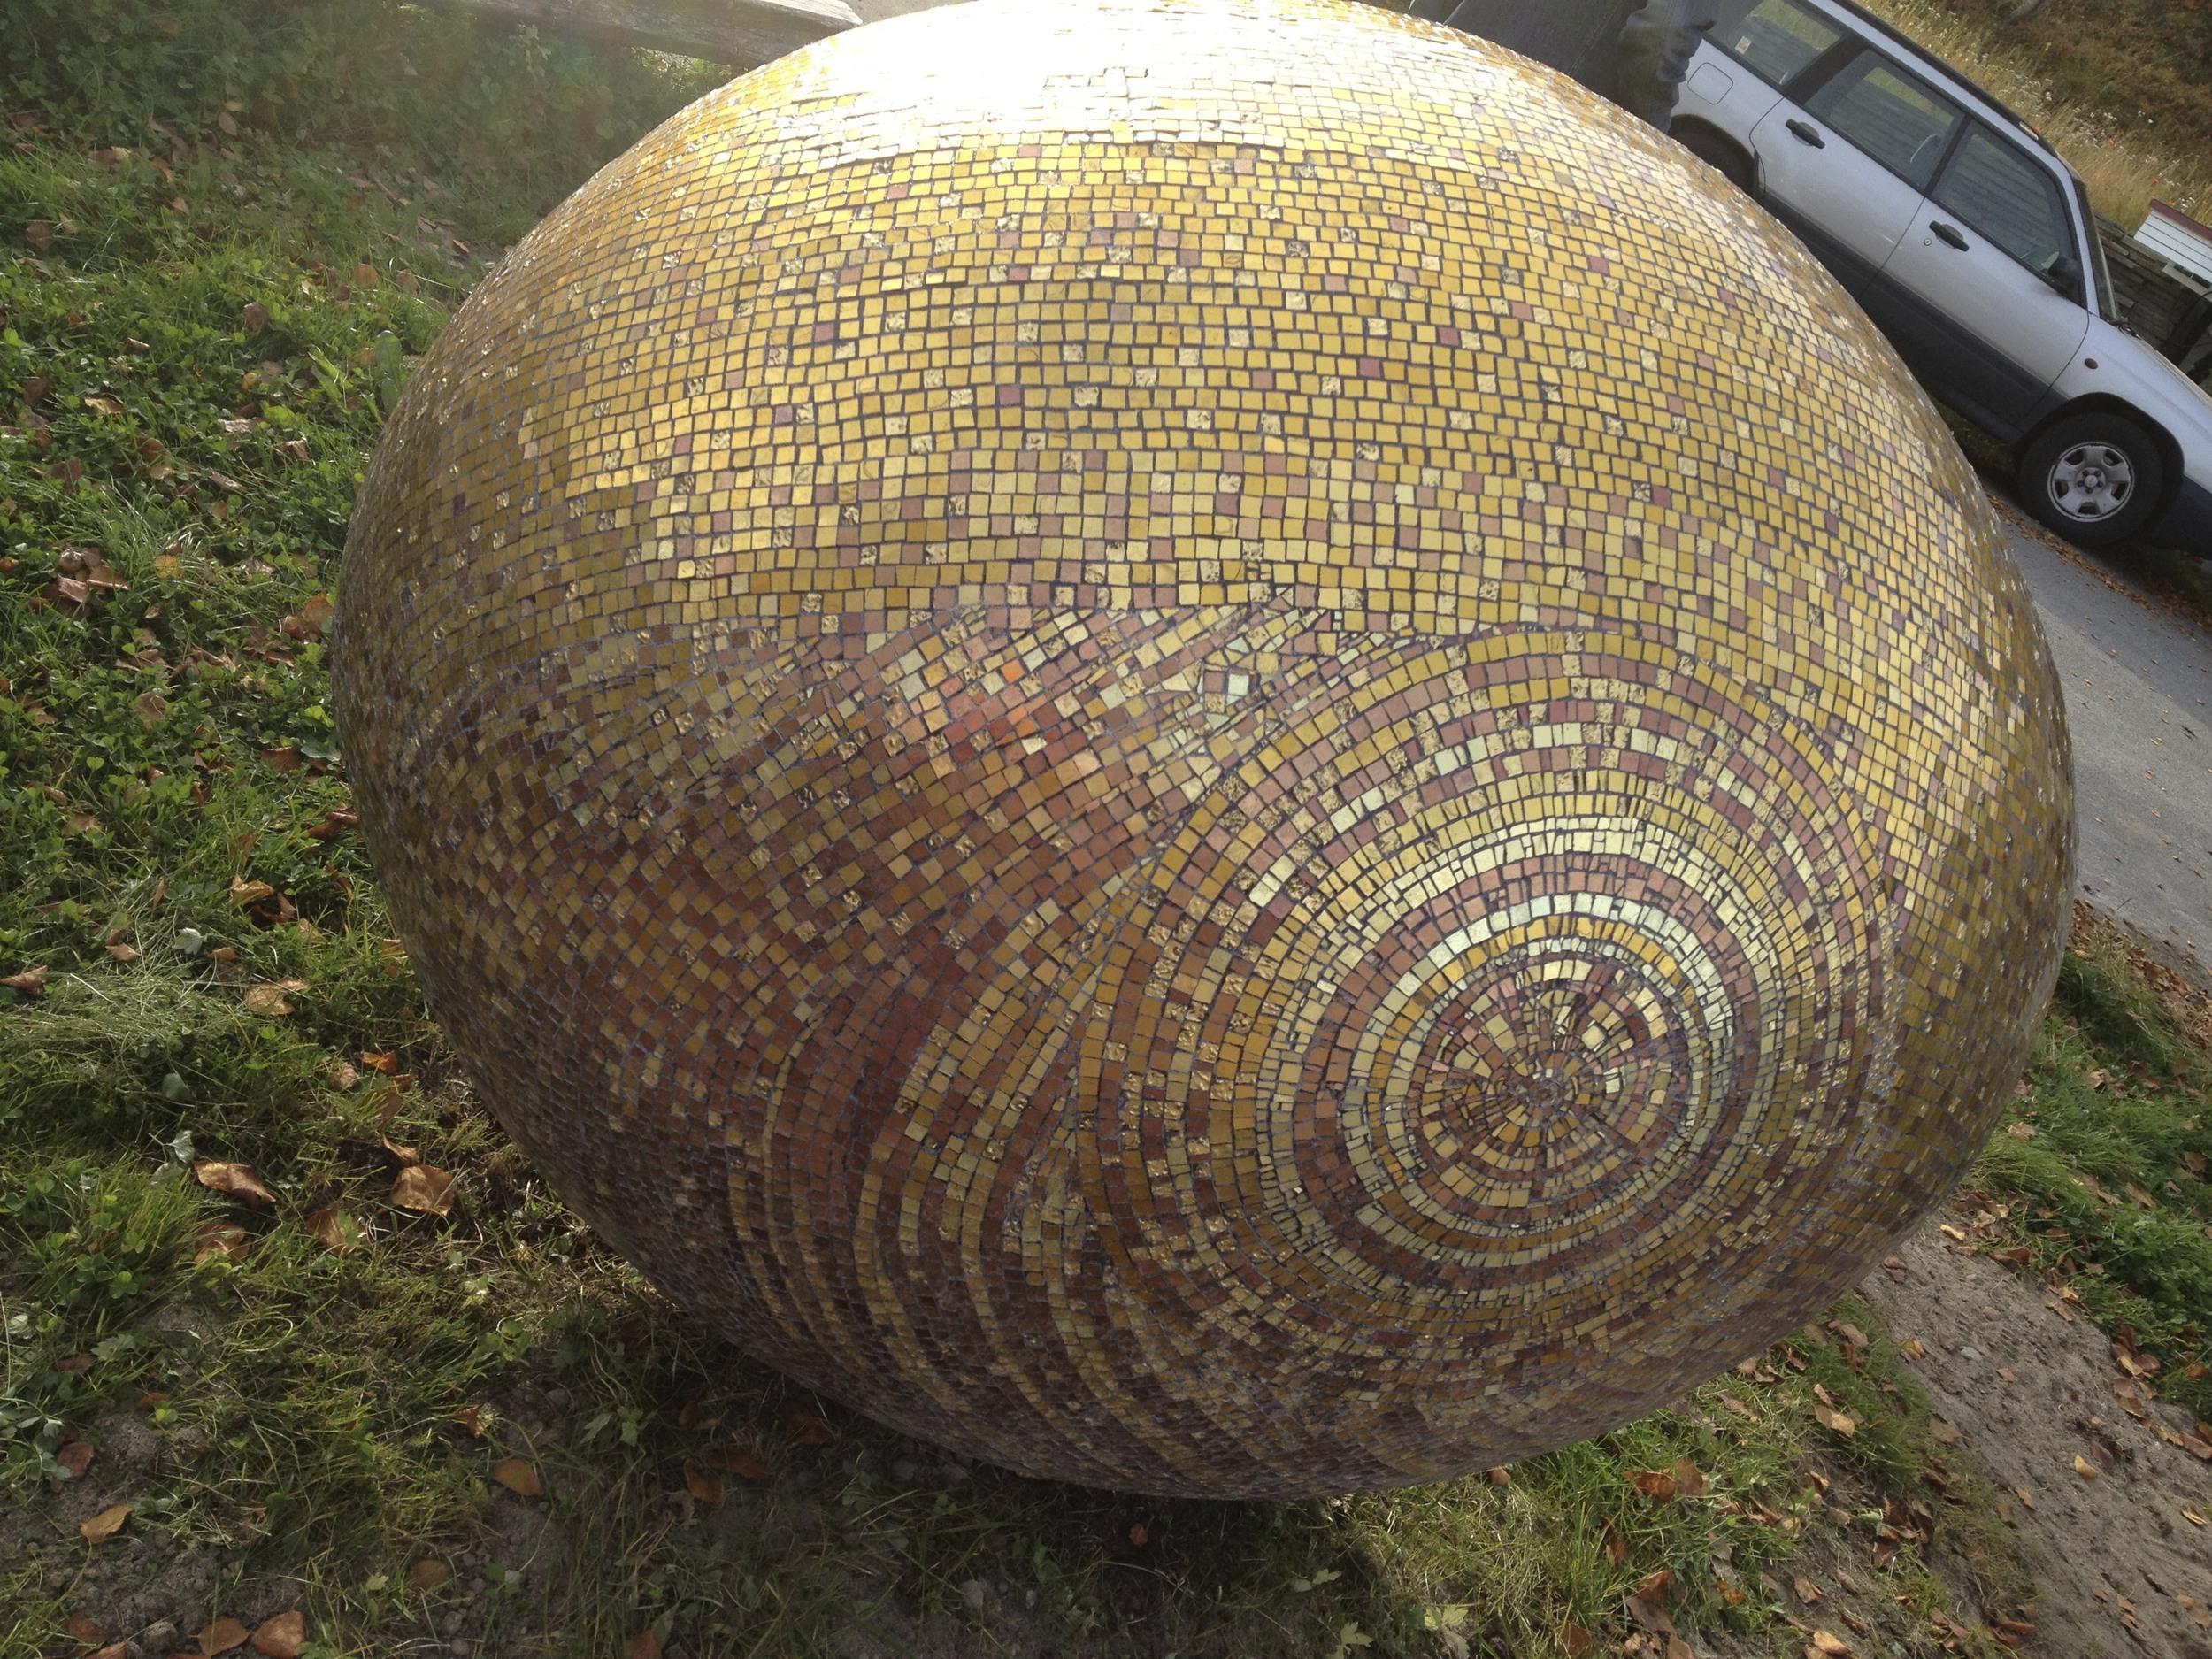 An outdoor mosaic